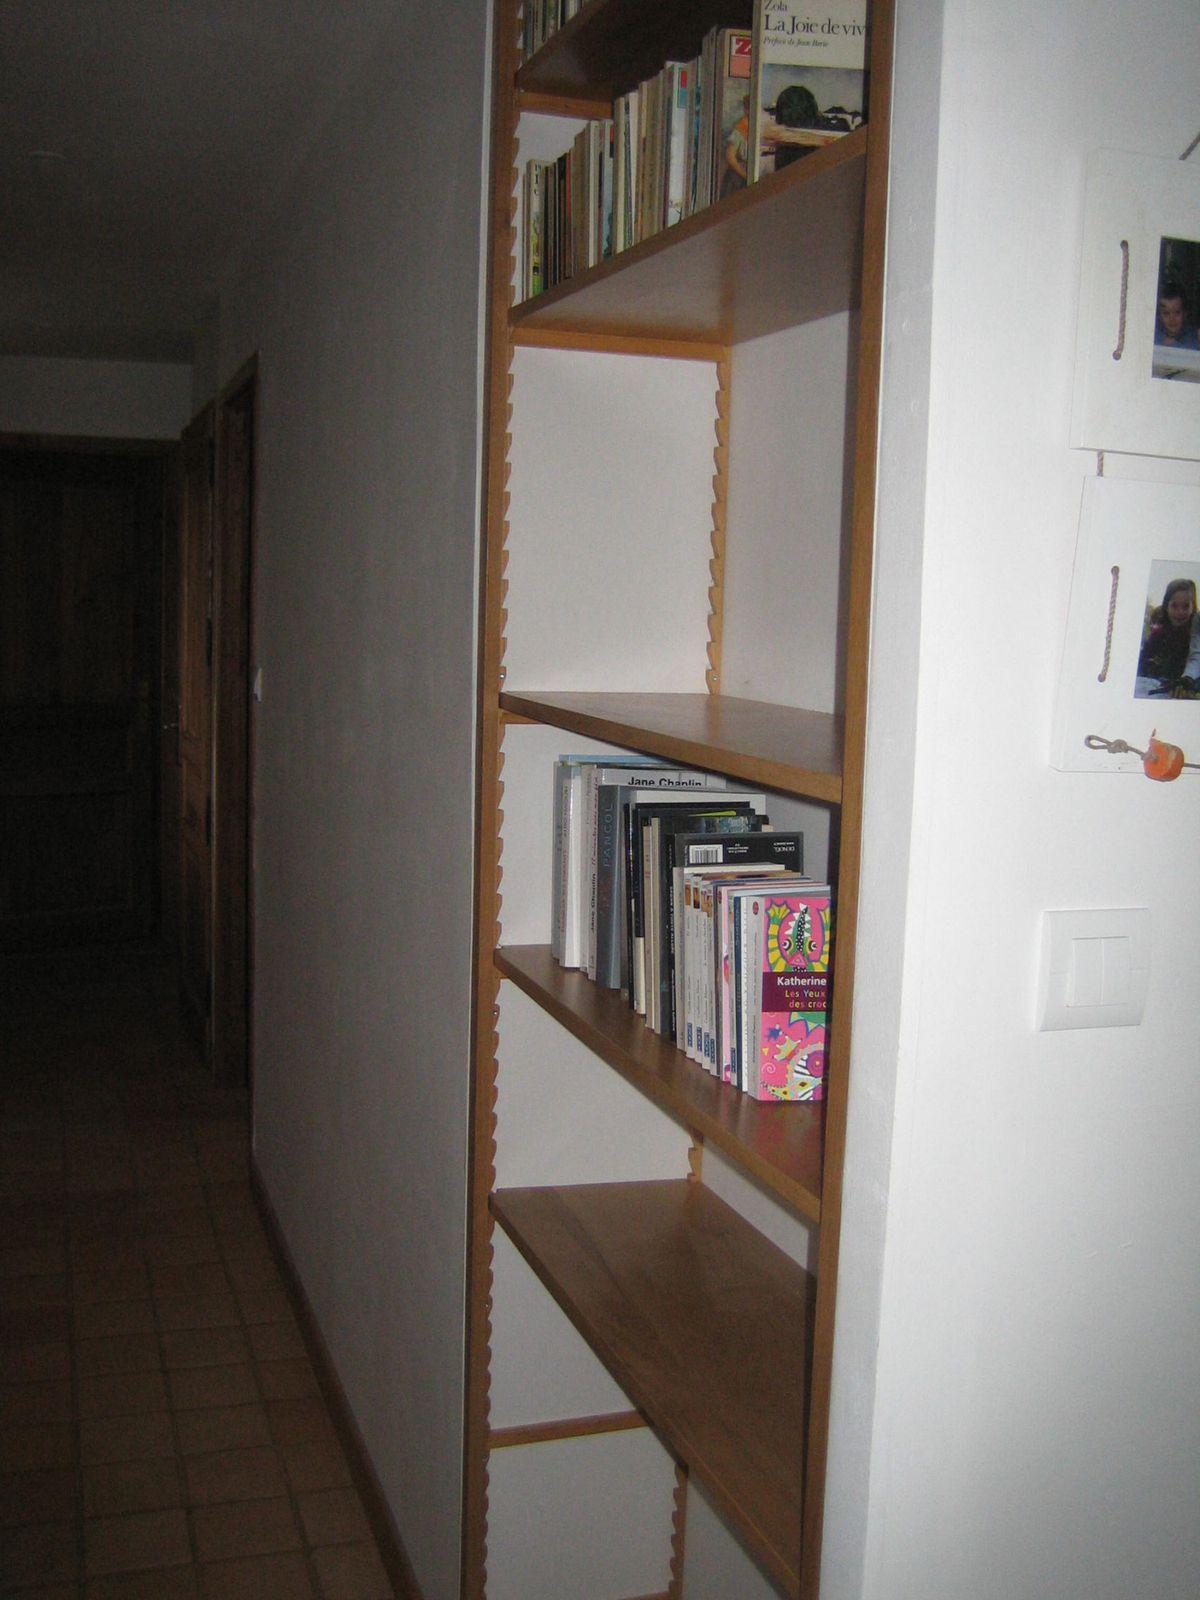 Ma maison vers le d veloppement durable f vrier 2009 d but de l 39 agrandissement de la for Penderie peu profonde